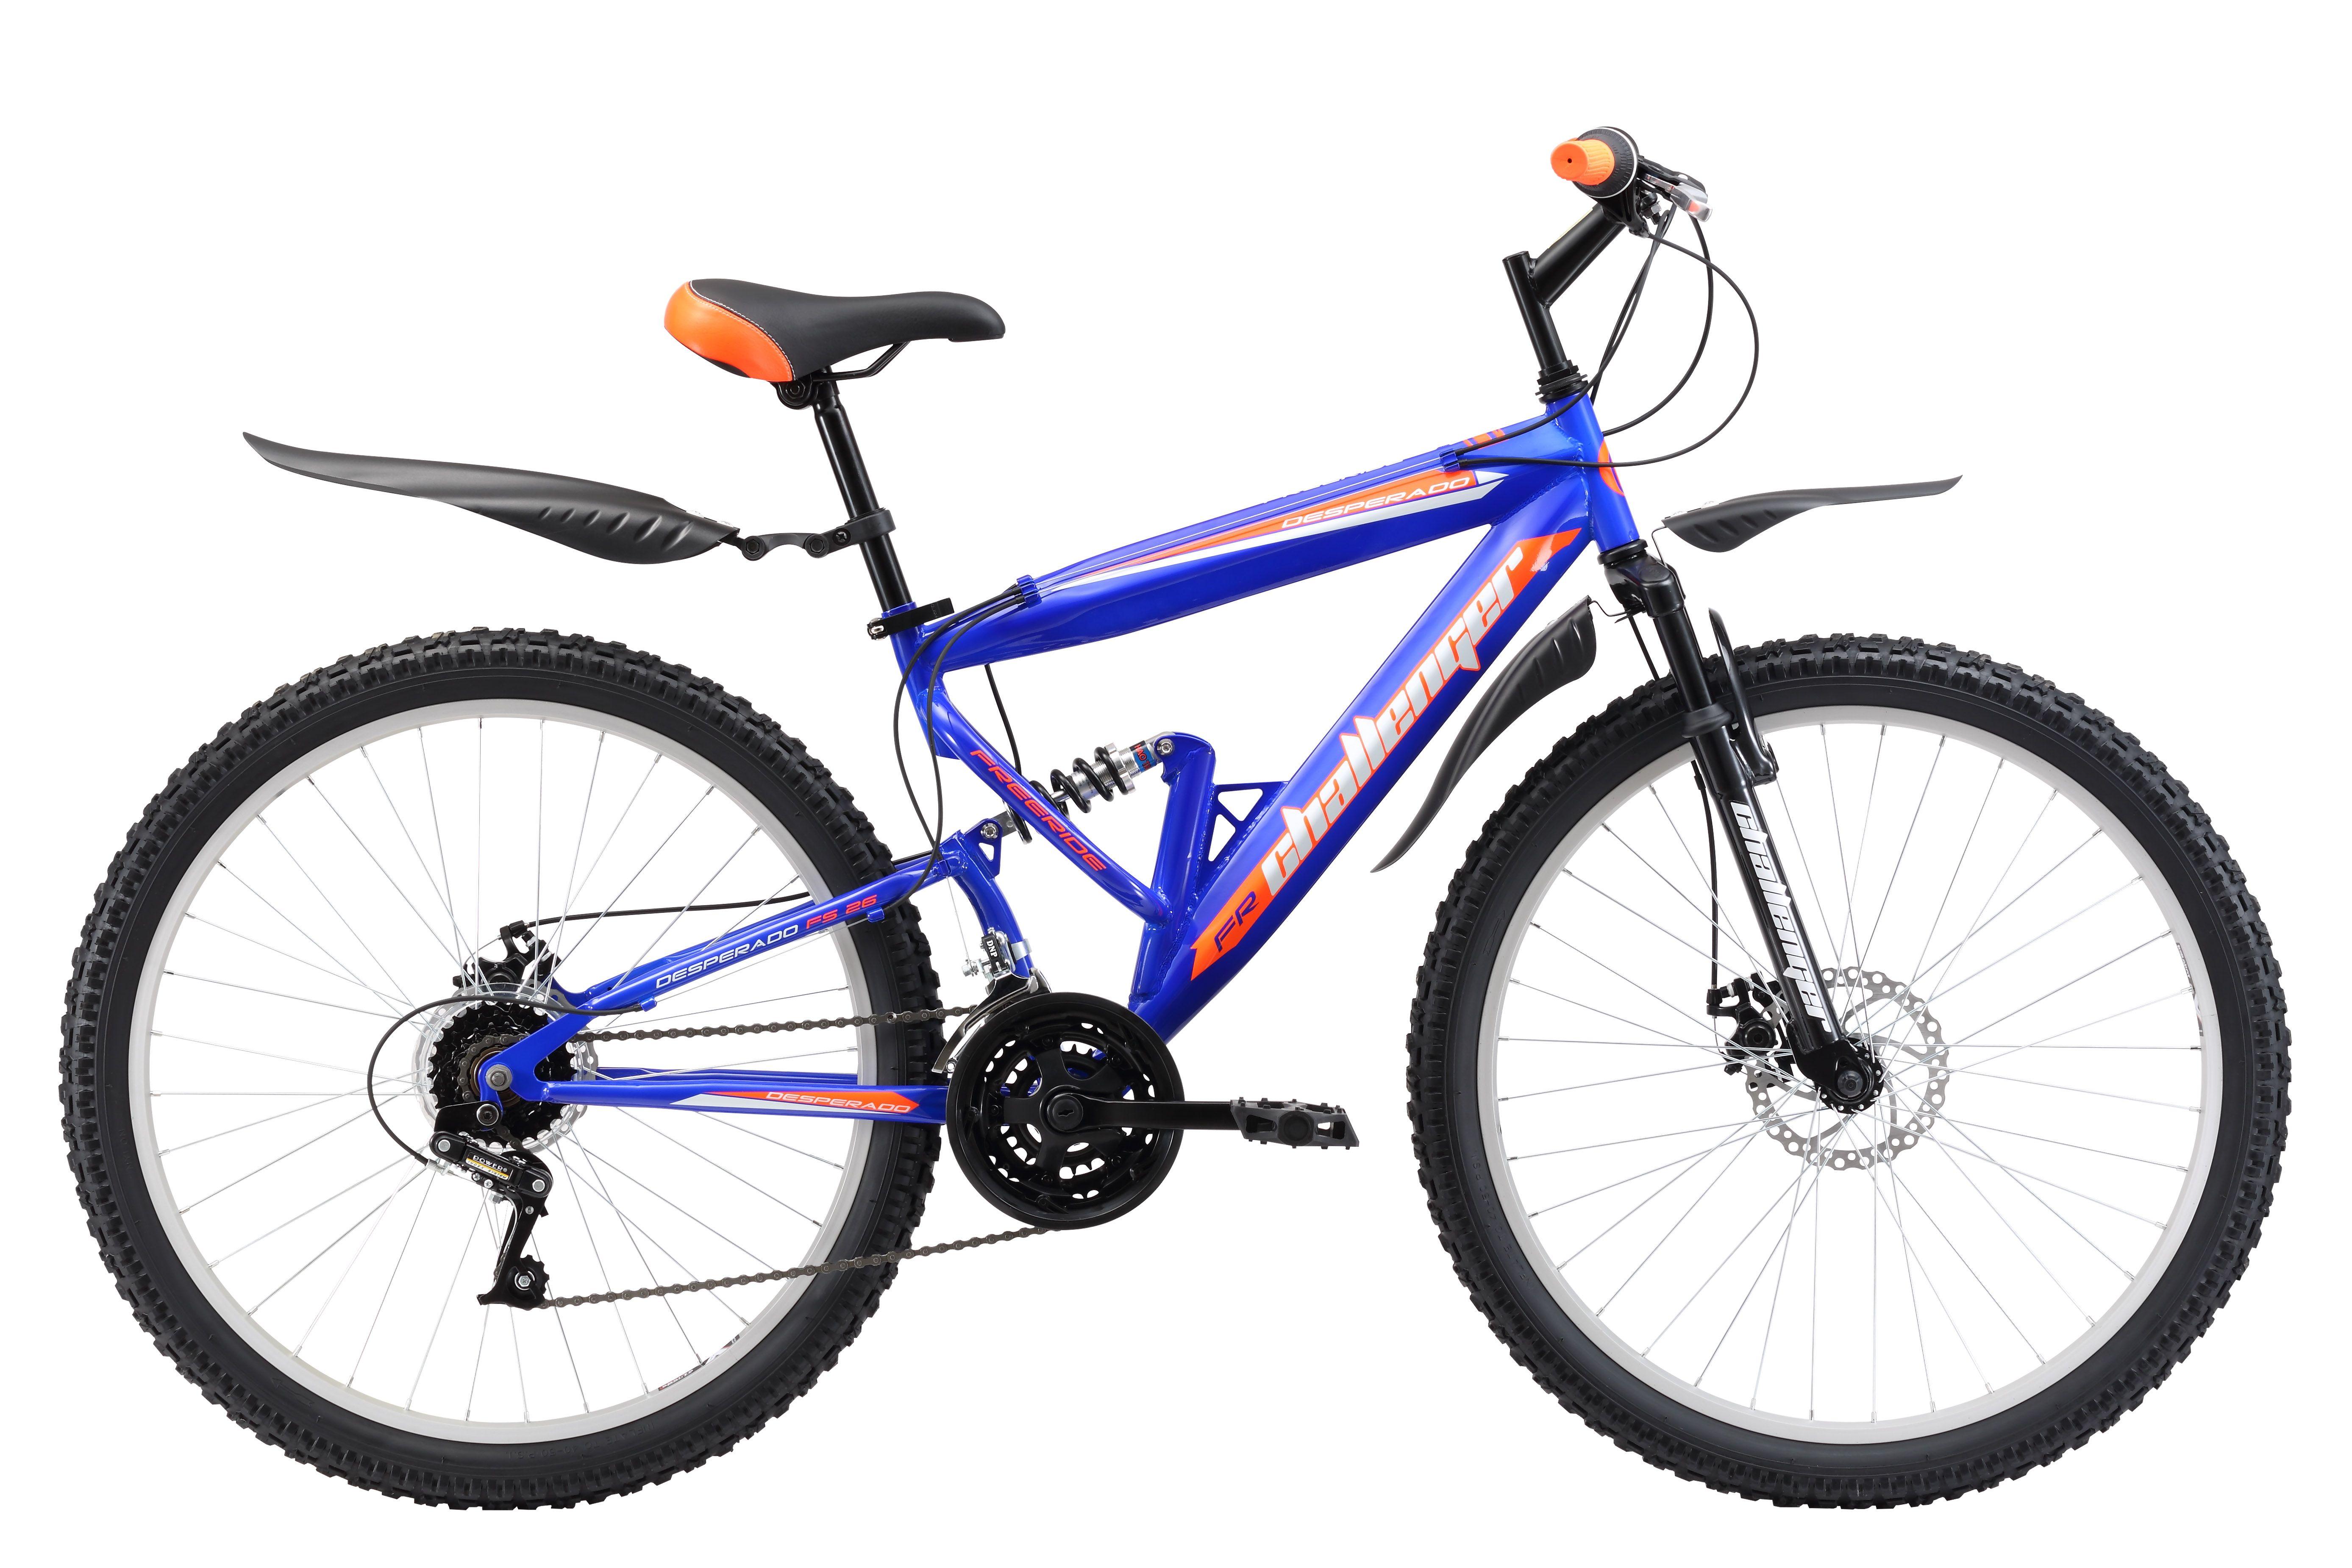 Велосипед Challenger Desperado FS 26 D (2017) сине-оранжевый 20КОЛЕСА 26 (СТАНДАРТ)<br>Горный двухподвес Challenger Desperado FS 26 D предназначен для прогулочного катания по различным типам дорог. Передняя и задняя подвеска гасят неровности дороги и делают велопрогулки максимально комфортными. Велосипед собран на крепкой стальной раме. Колёса, диаметром 26 дюймов, имеют усиленные алюминиевые обода, которые хорошо выдерживают ударные нагрузки и устойчивы к деформации. Трансмиссия велосипеда имеет 18 скоростей. Механический дисковый тормоз эффективен на любом дорожном покрытии. Двухподвес Challenger Desperado FS 26 D оборудован надёжными пластиковыми крыльями и подножкой.<br><br>бренд: CHALLENGER<br>год: 2017<br>рама: Сталь (Hi-Ten)<br>вилка: Амортизационная (пружина)<br>блокировка амортизатора: Нет<br>диаметр колес: 26<br>тормоза: Дисковые механические<br>уровень оборудования: Начальный<br>количество скоростей: 18<br>Цвет: сине-оранжевый<br>Размер: 20